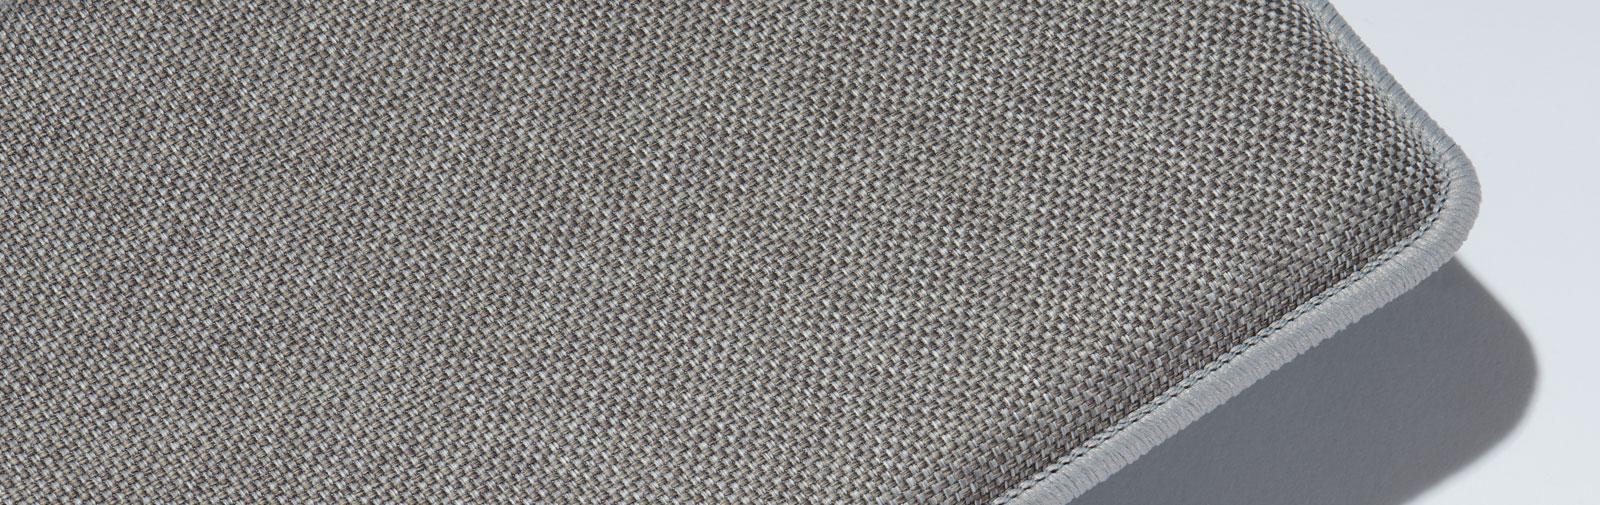 coussin Bankauflage Verano code couleur 683 couleur gris